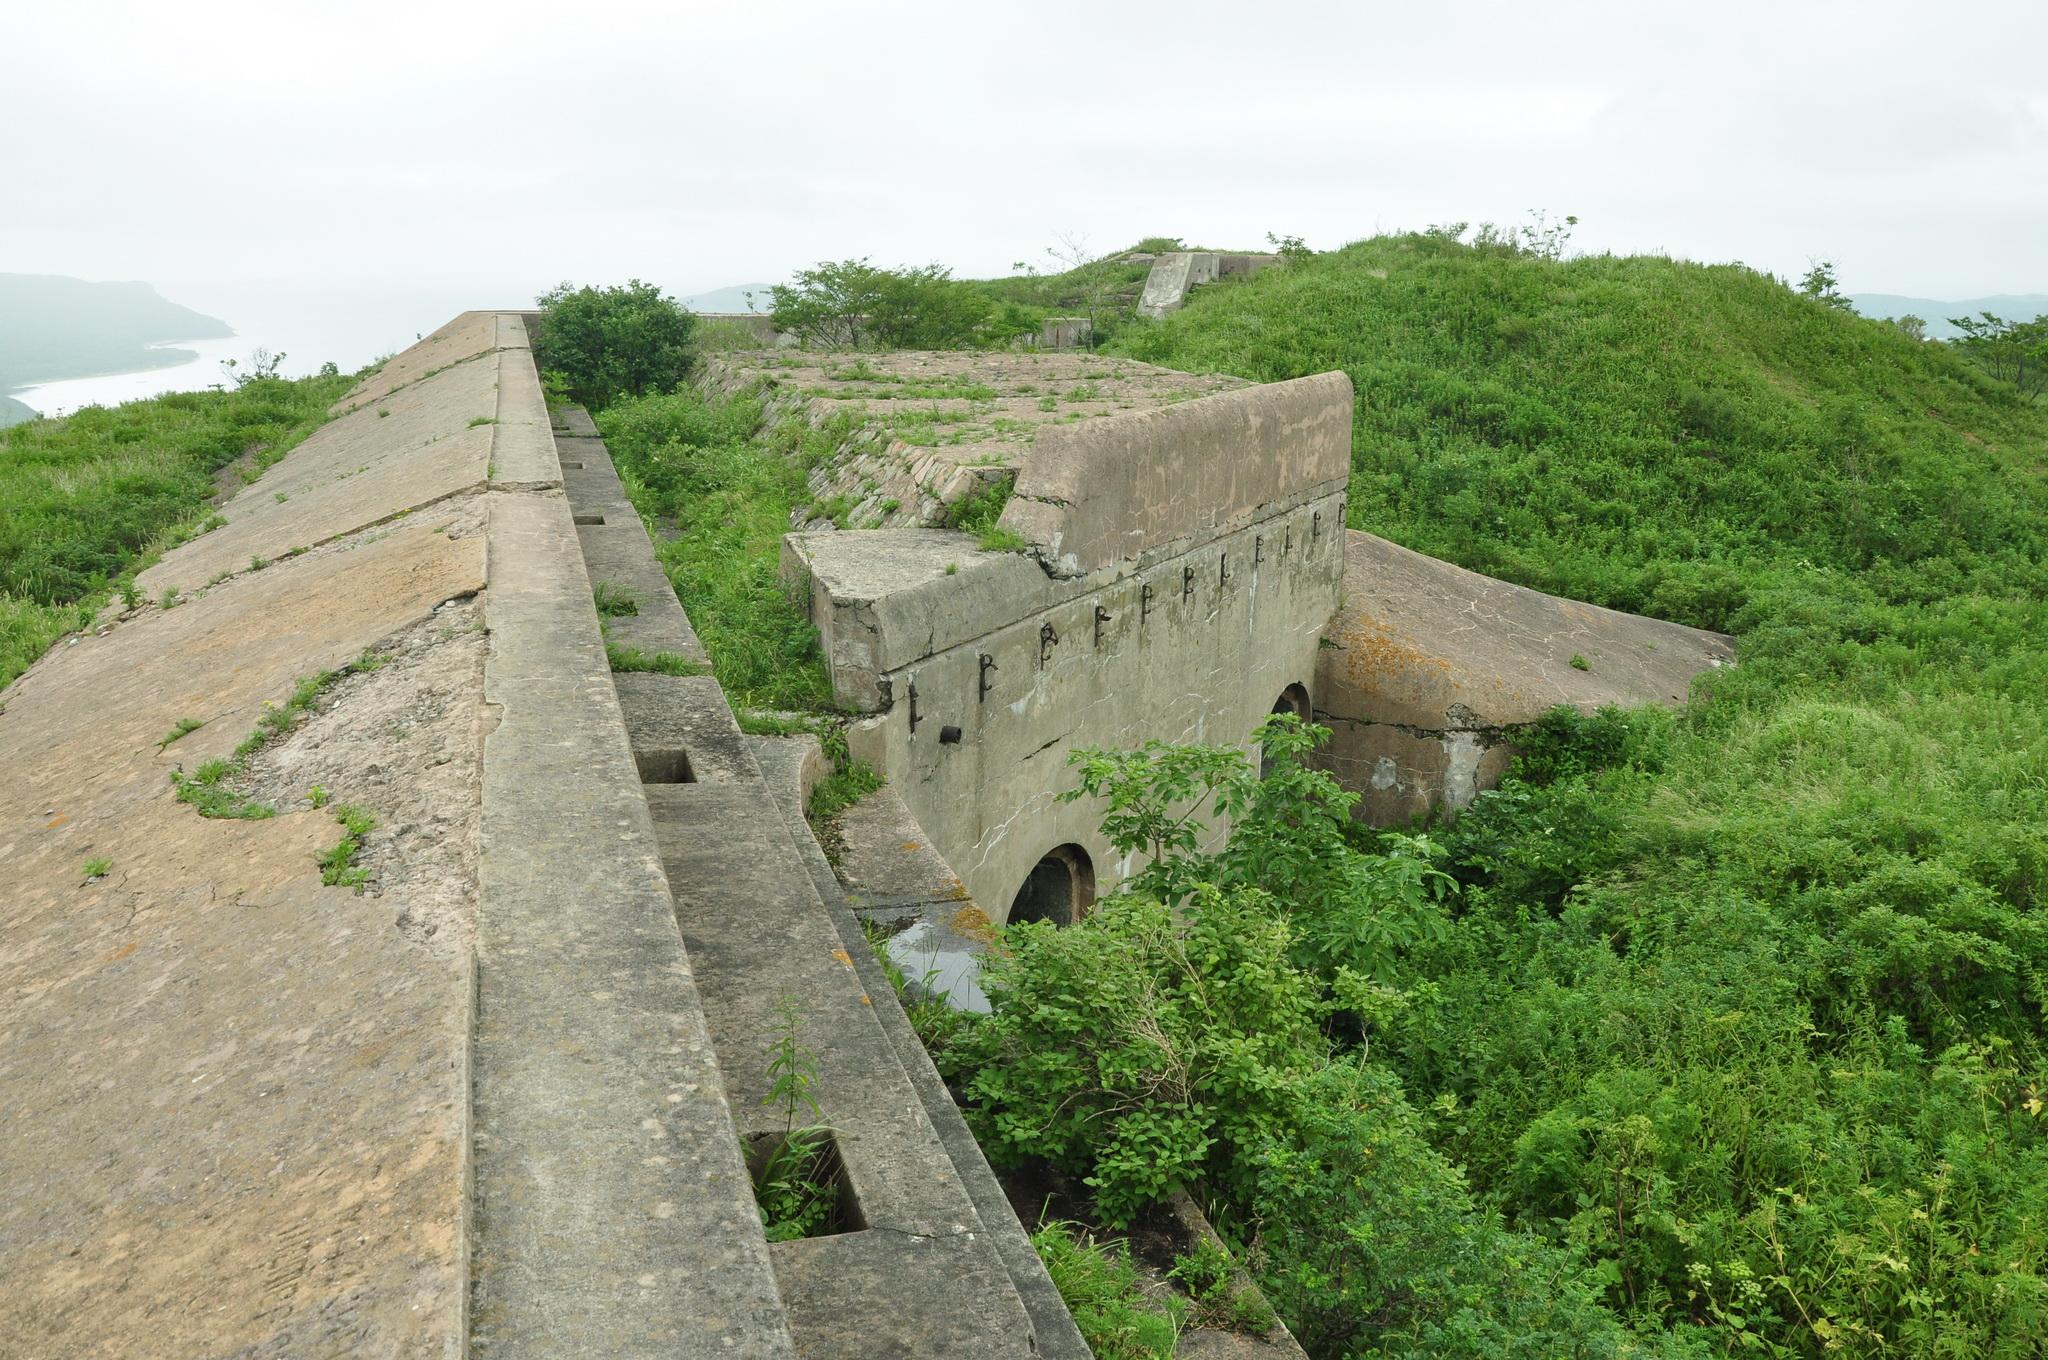 вывеску, владивостокская крепость фото лугах зарослях кустарников